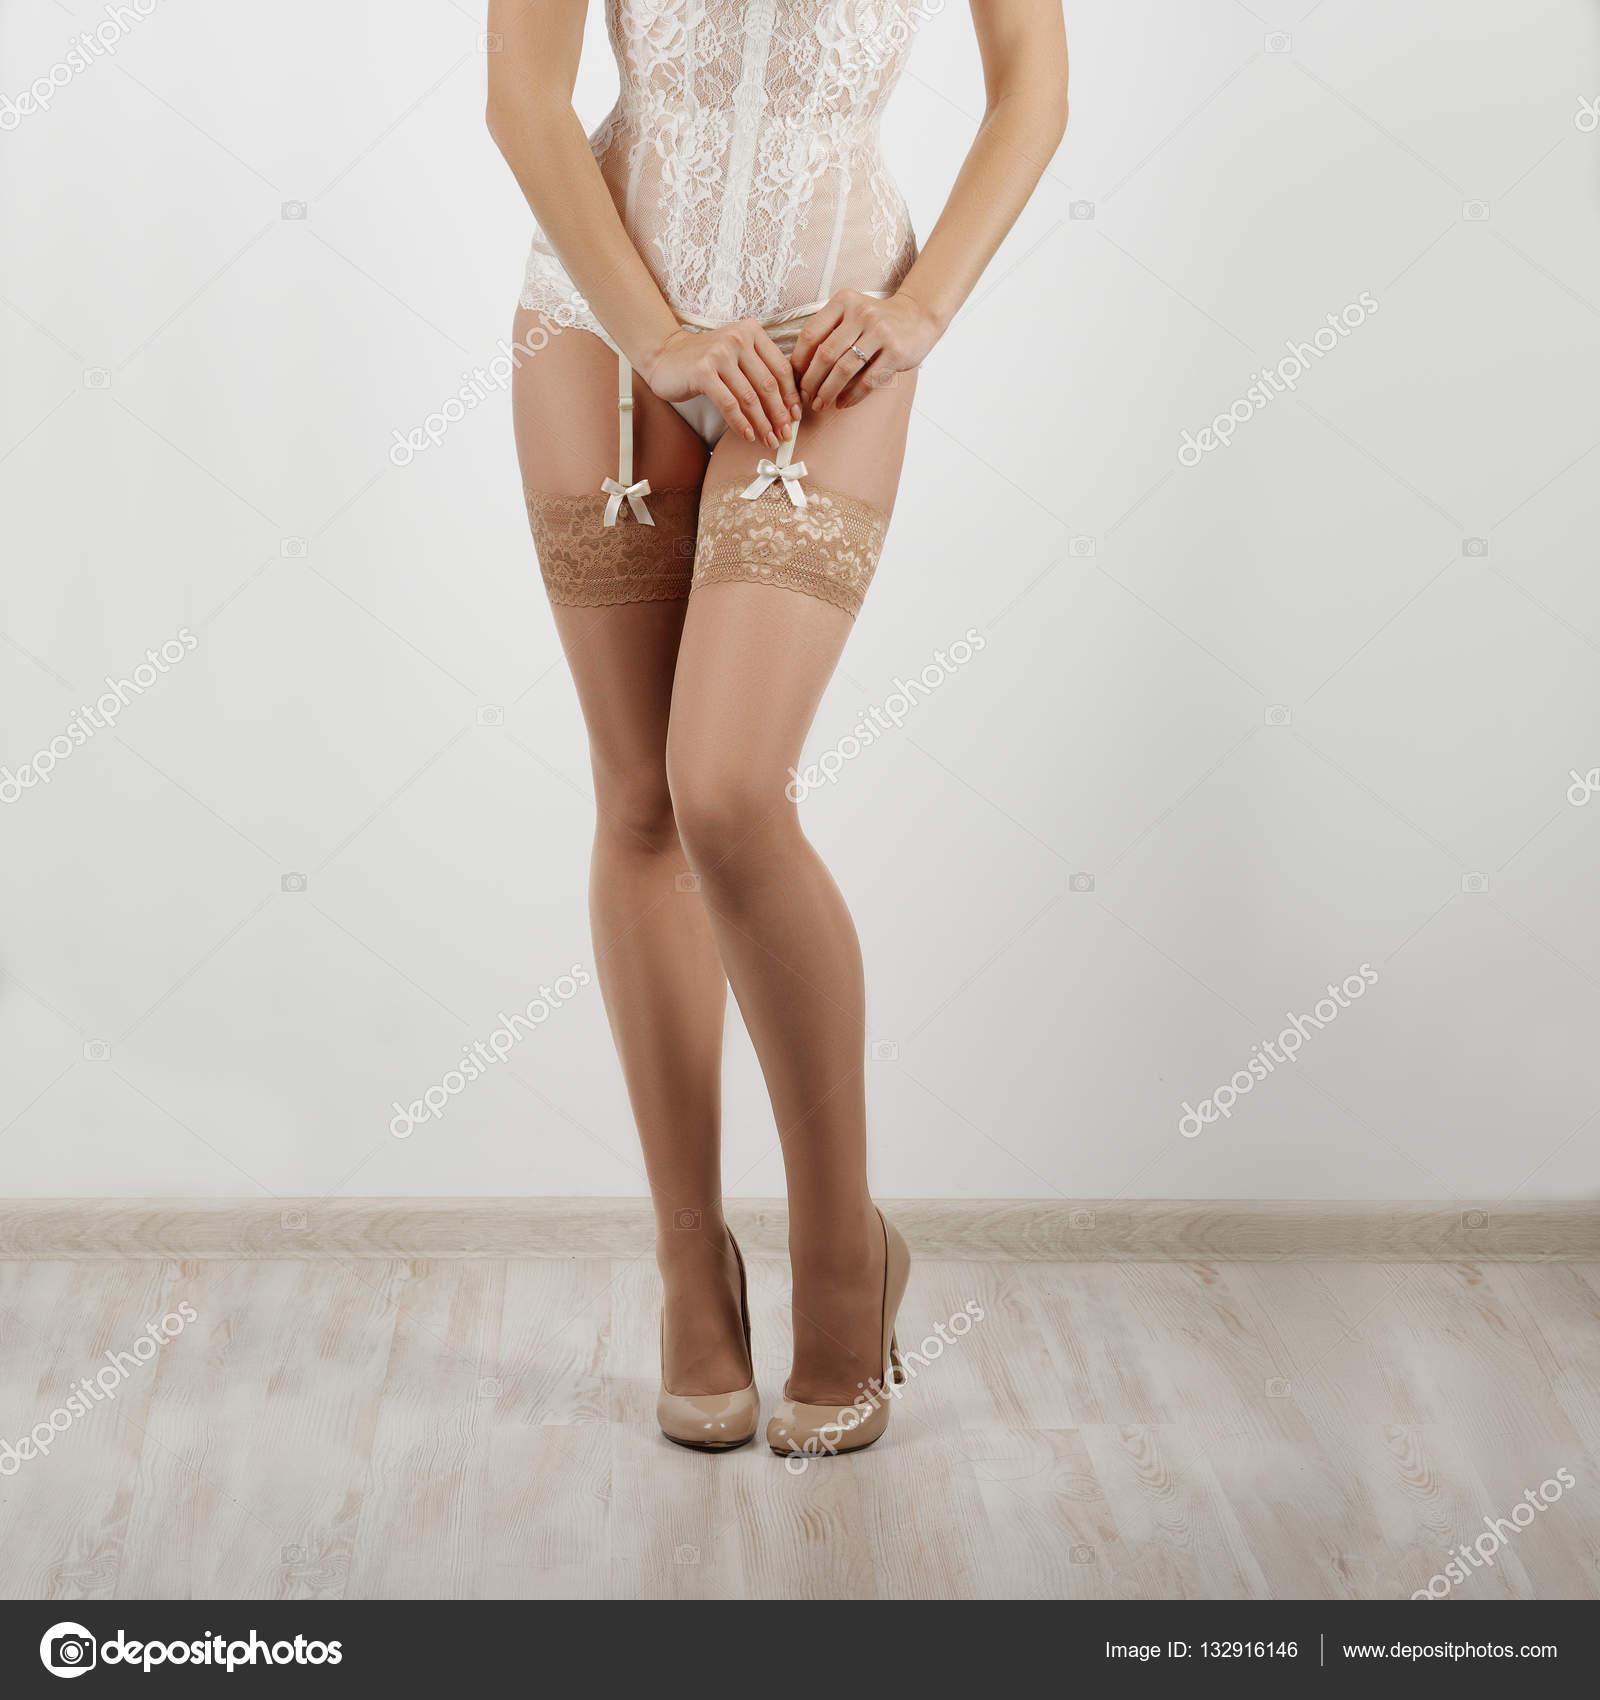 cf31e3c48f Piernas hermosas de mujeres en medias con liguero y Liga bel — Foto de Stock